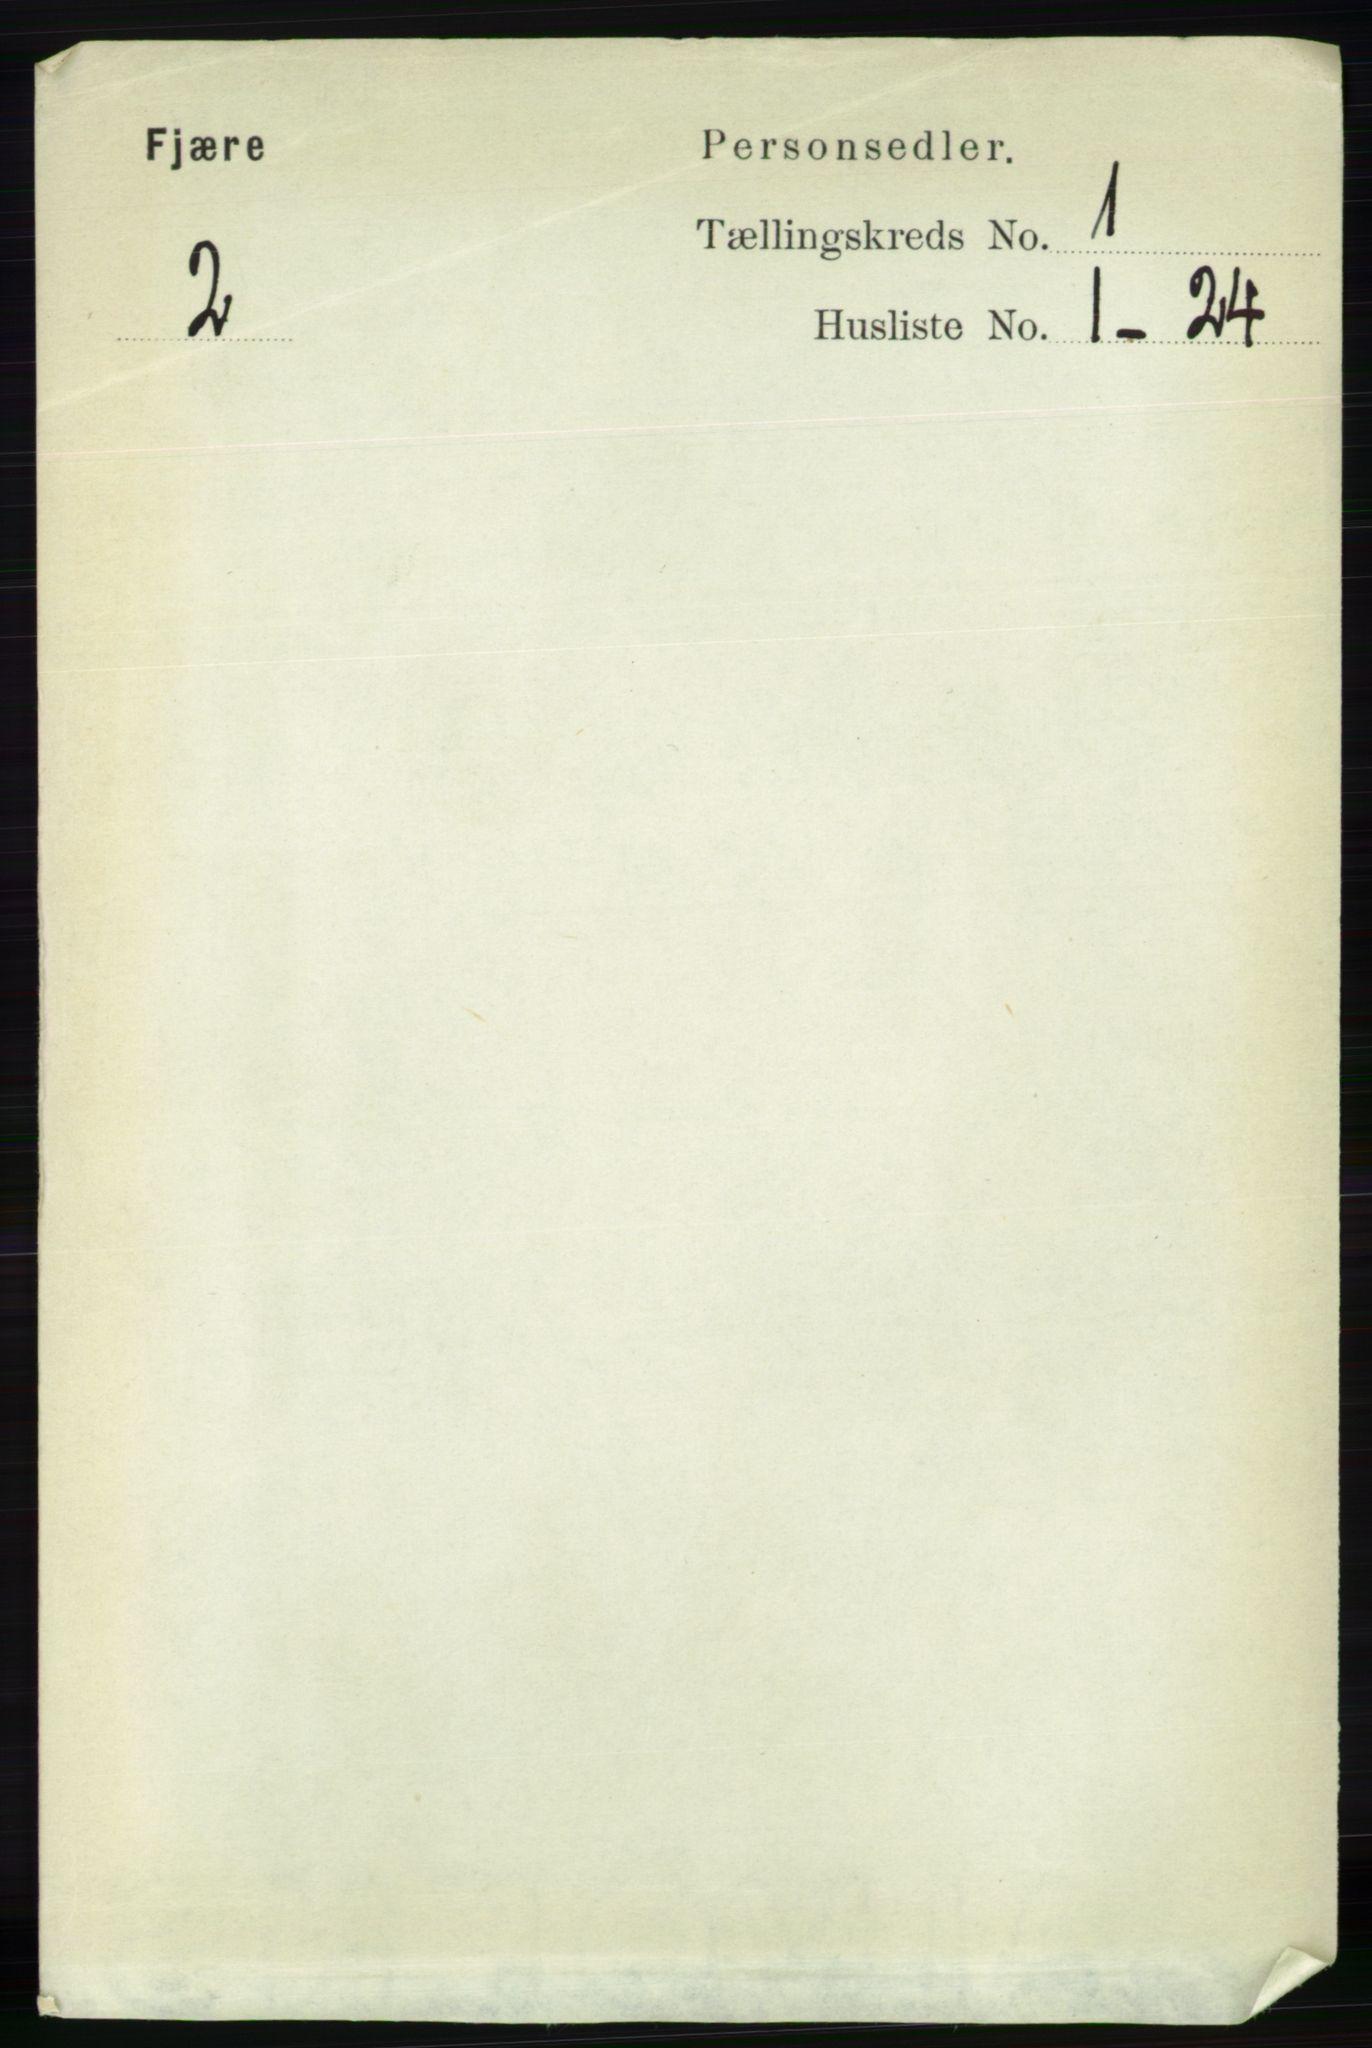 RA, Folketelling 1891 for 0923 Fjære herred, 1891, s. 120